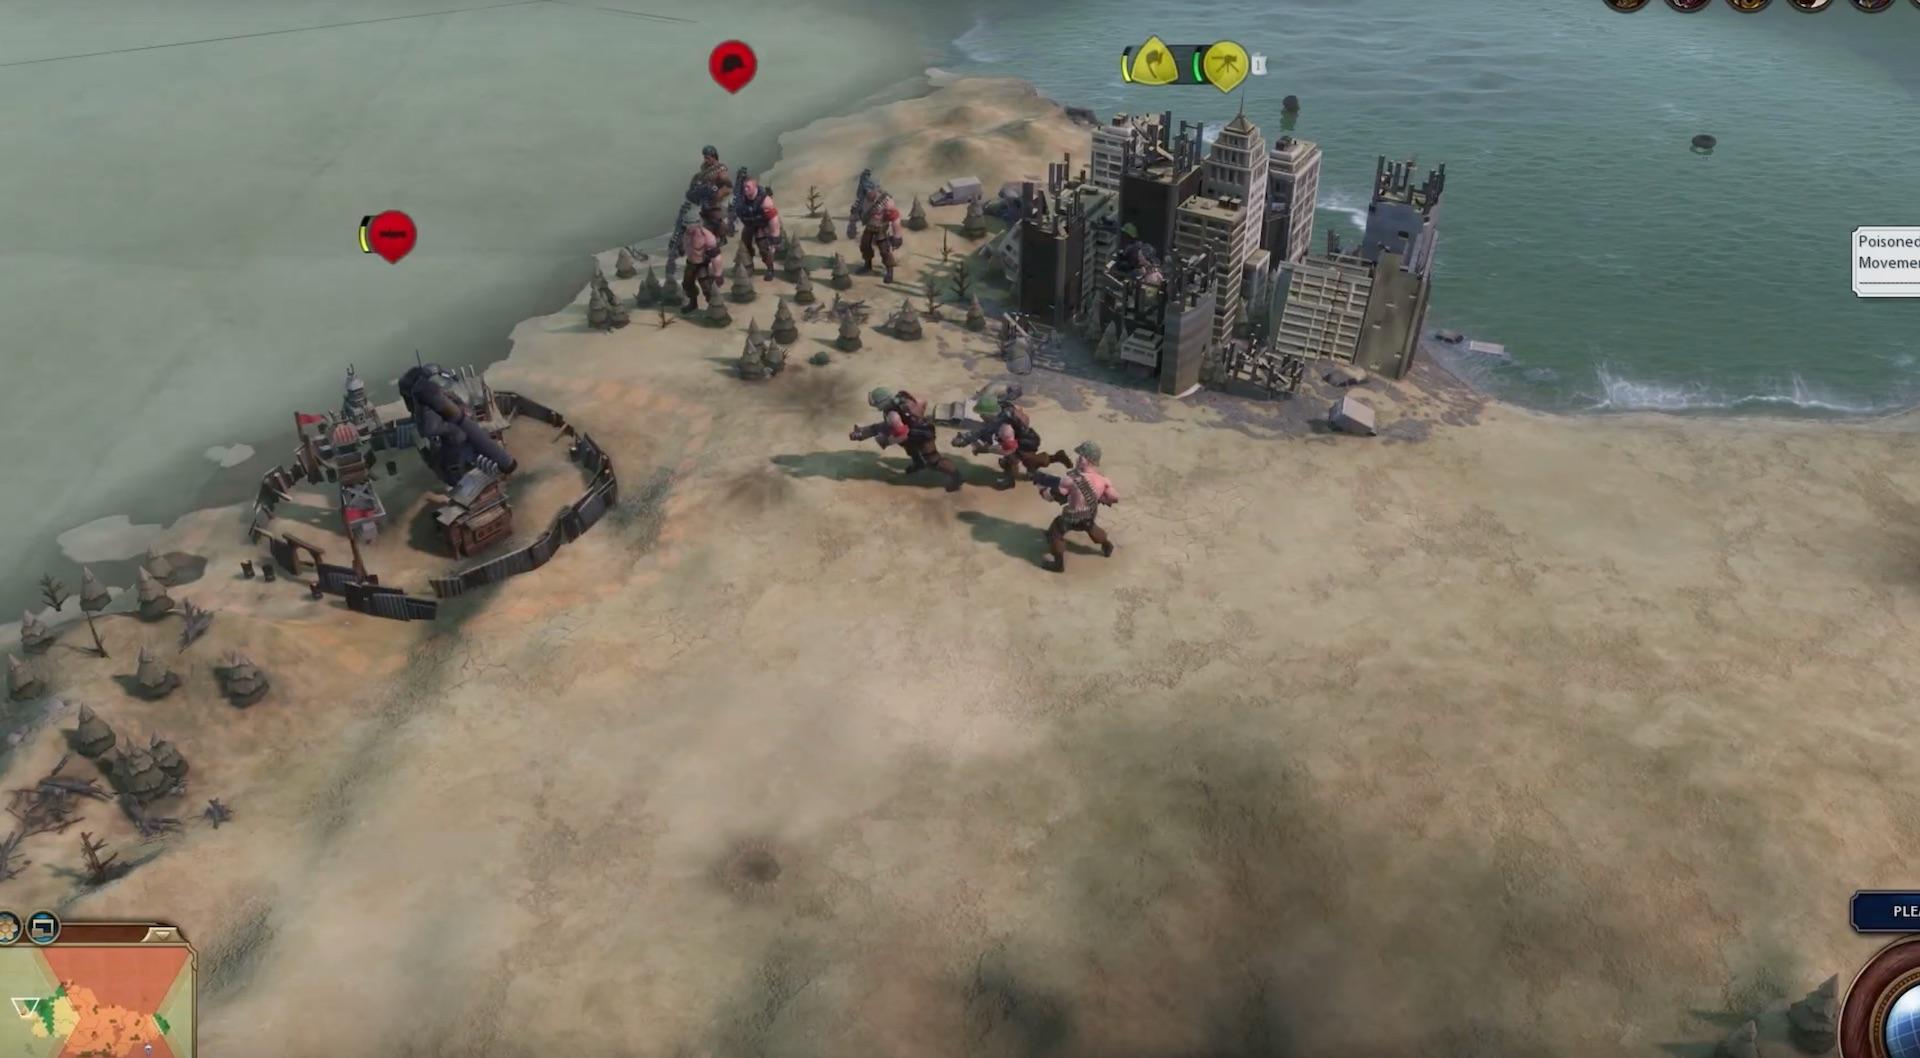 Même Civilization VI n'échappe pas au mode Battle Royale - Pop culture - Numerama